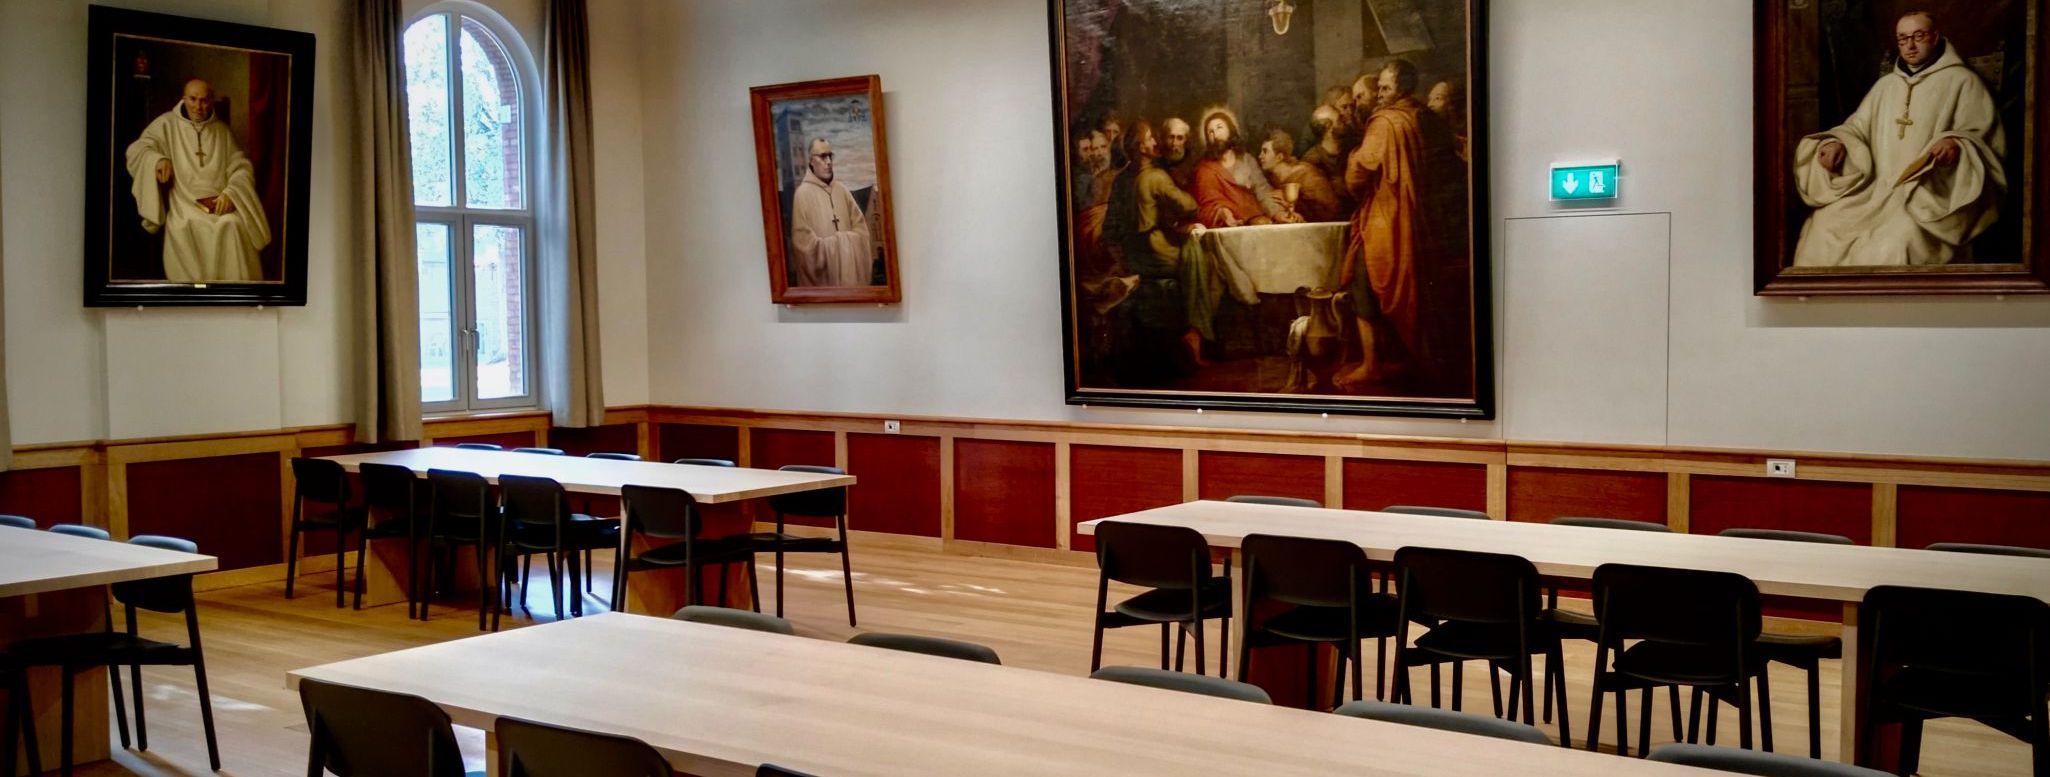 Grote refter met portretten van de abten van Westmalle